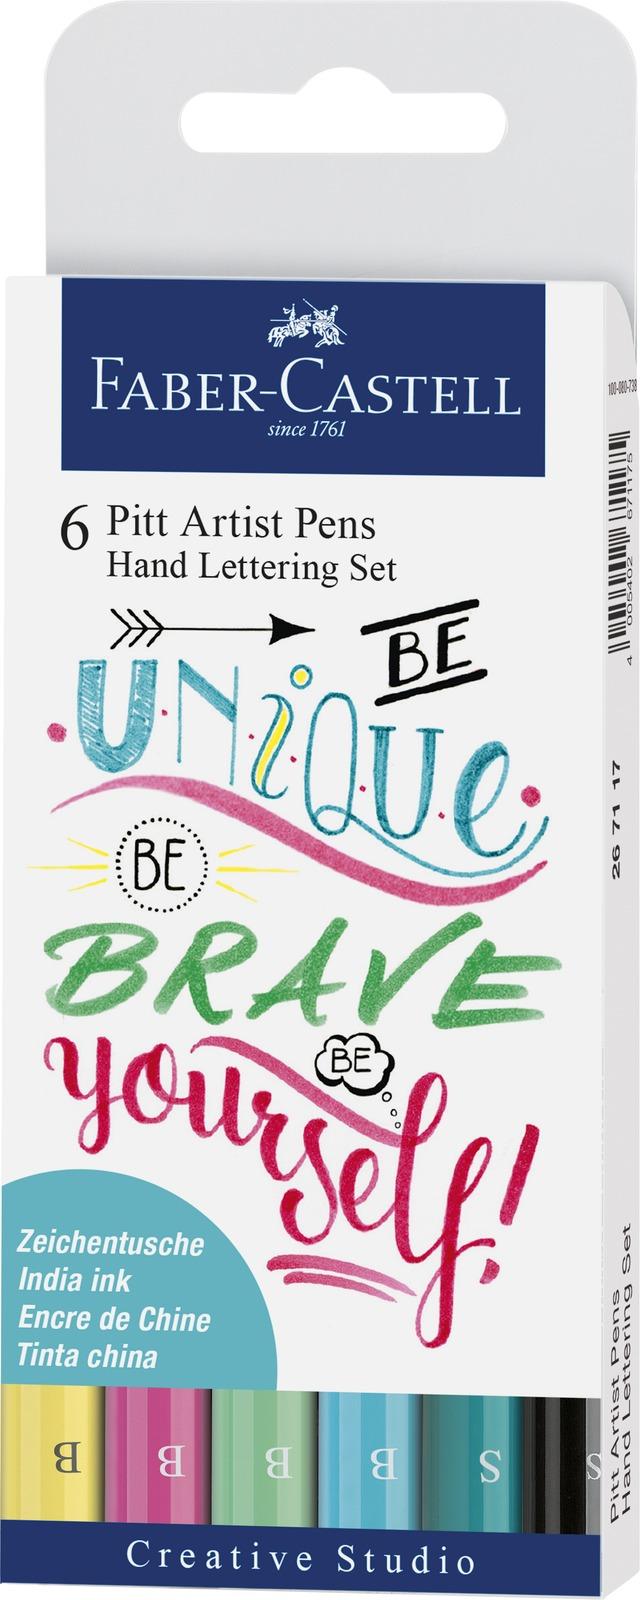 Faber-Castell: Pitt Artist Pens Hand Lettering Pastel (Set of 6) image